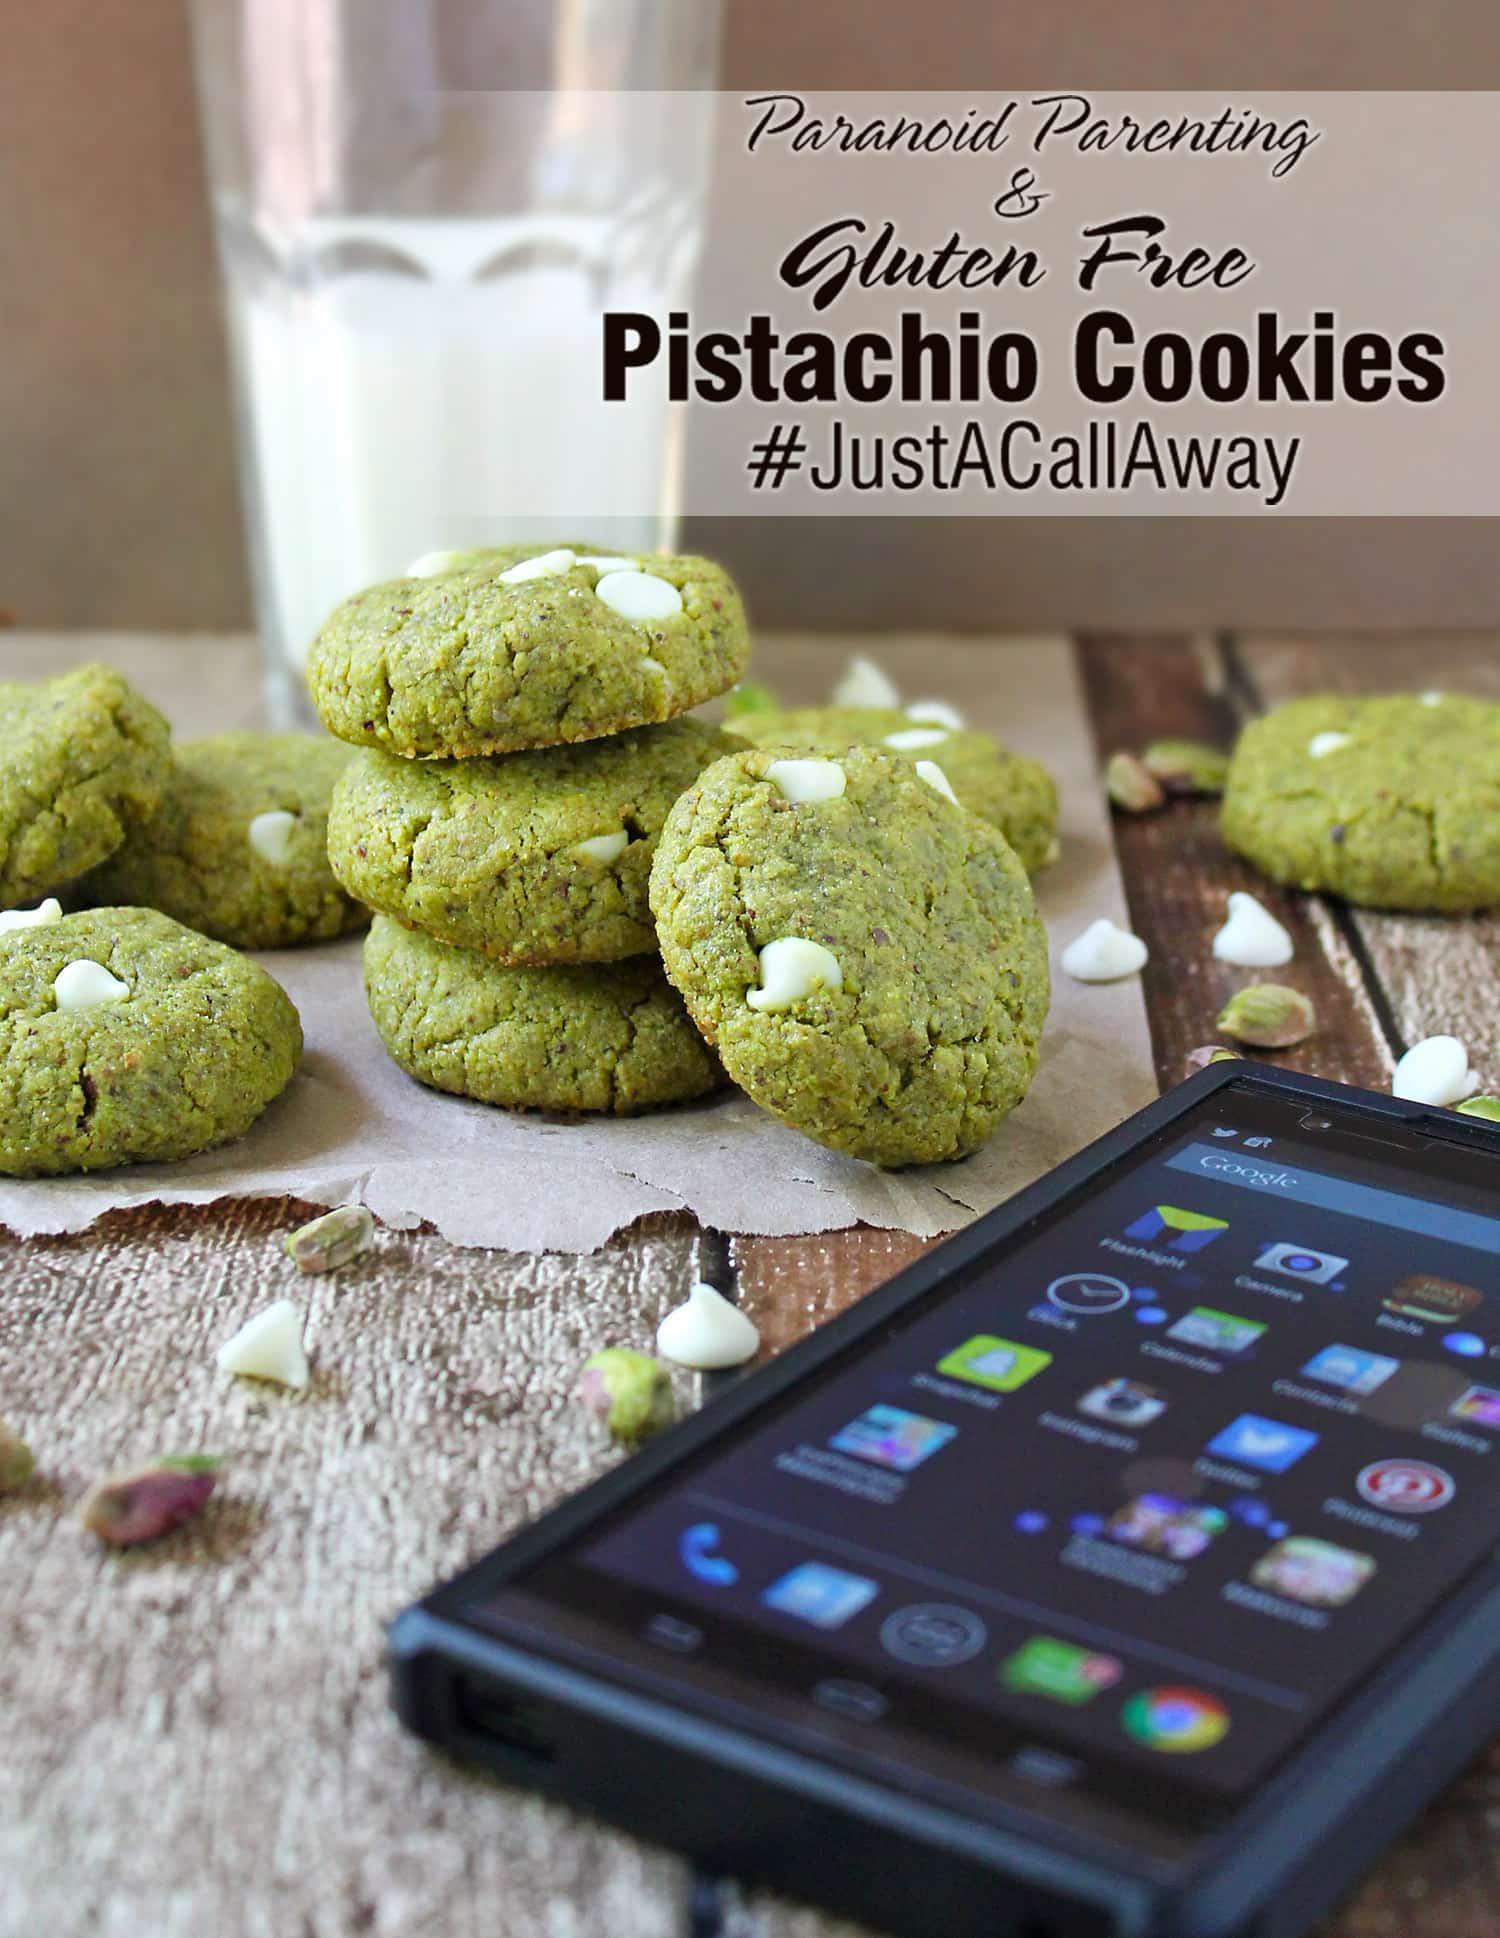 Pistachio Cookies Gluten Free #JustACallAway